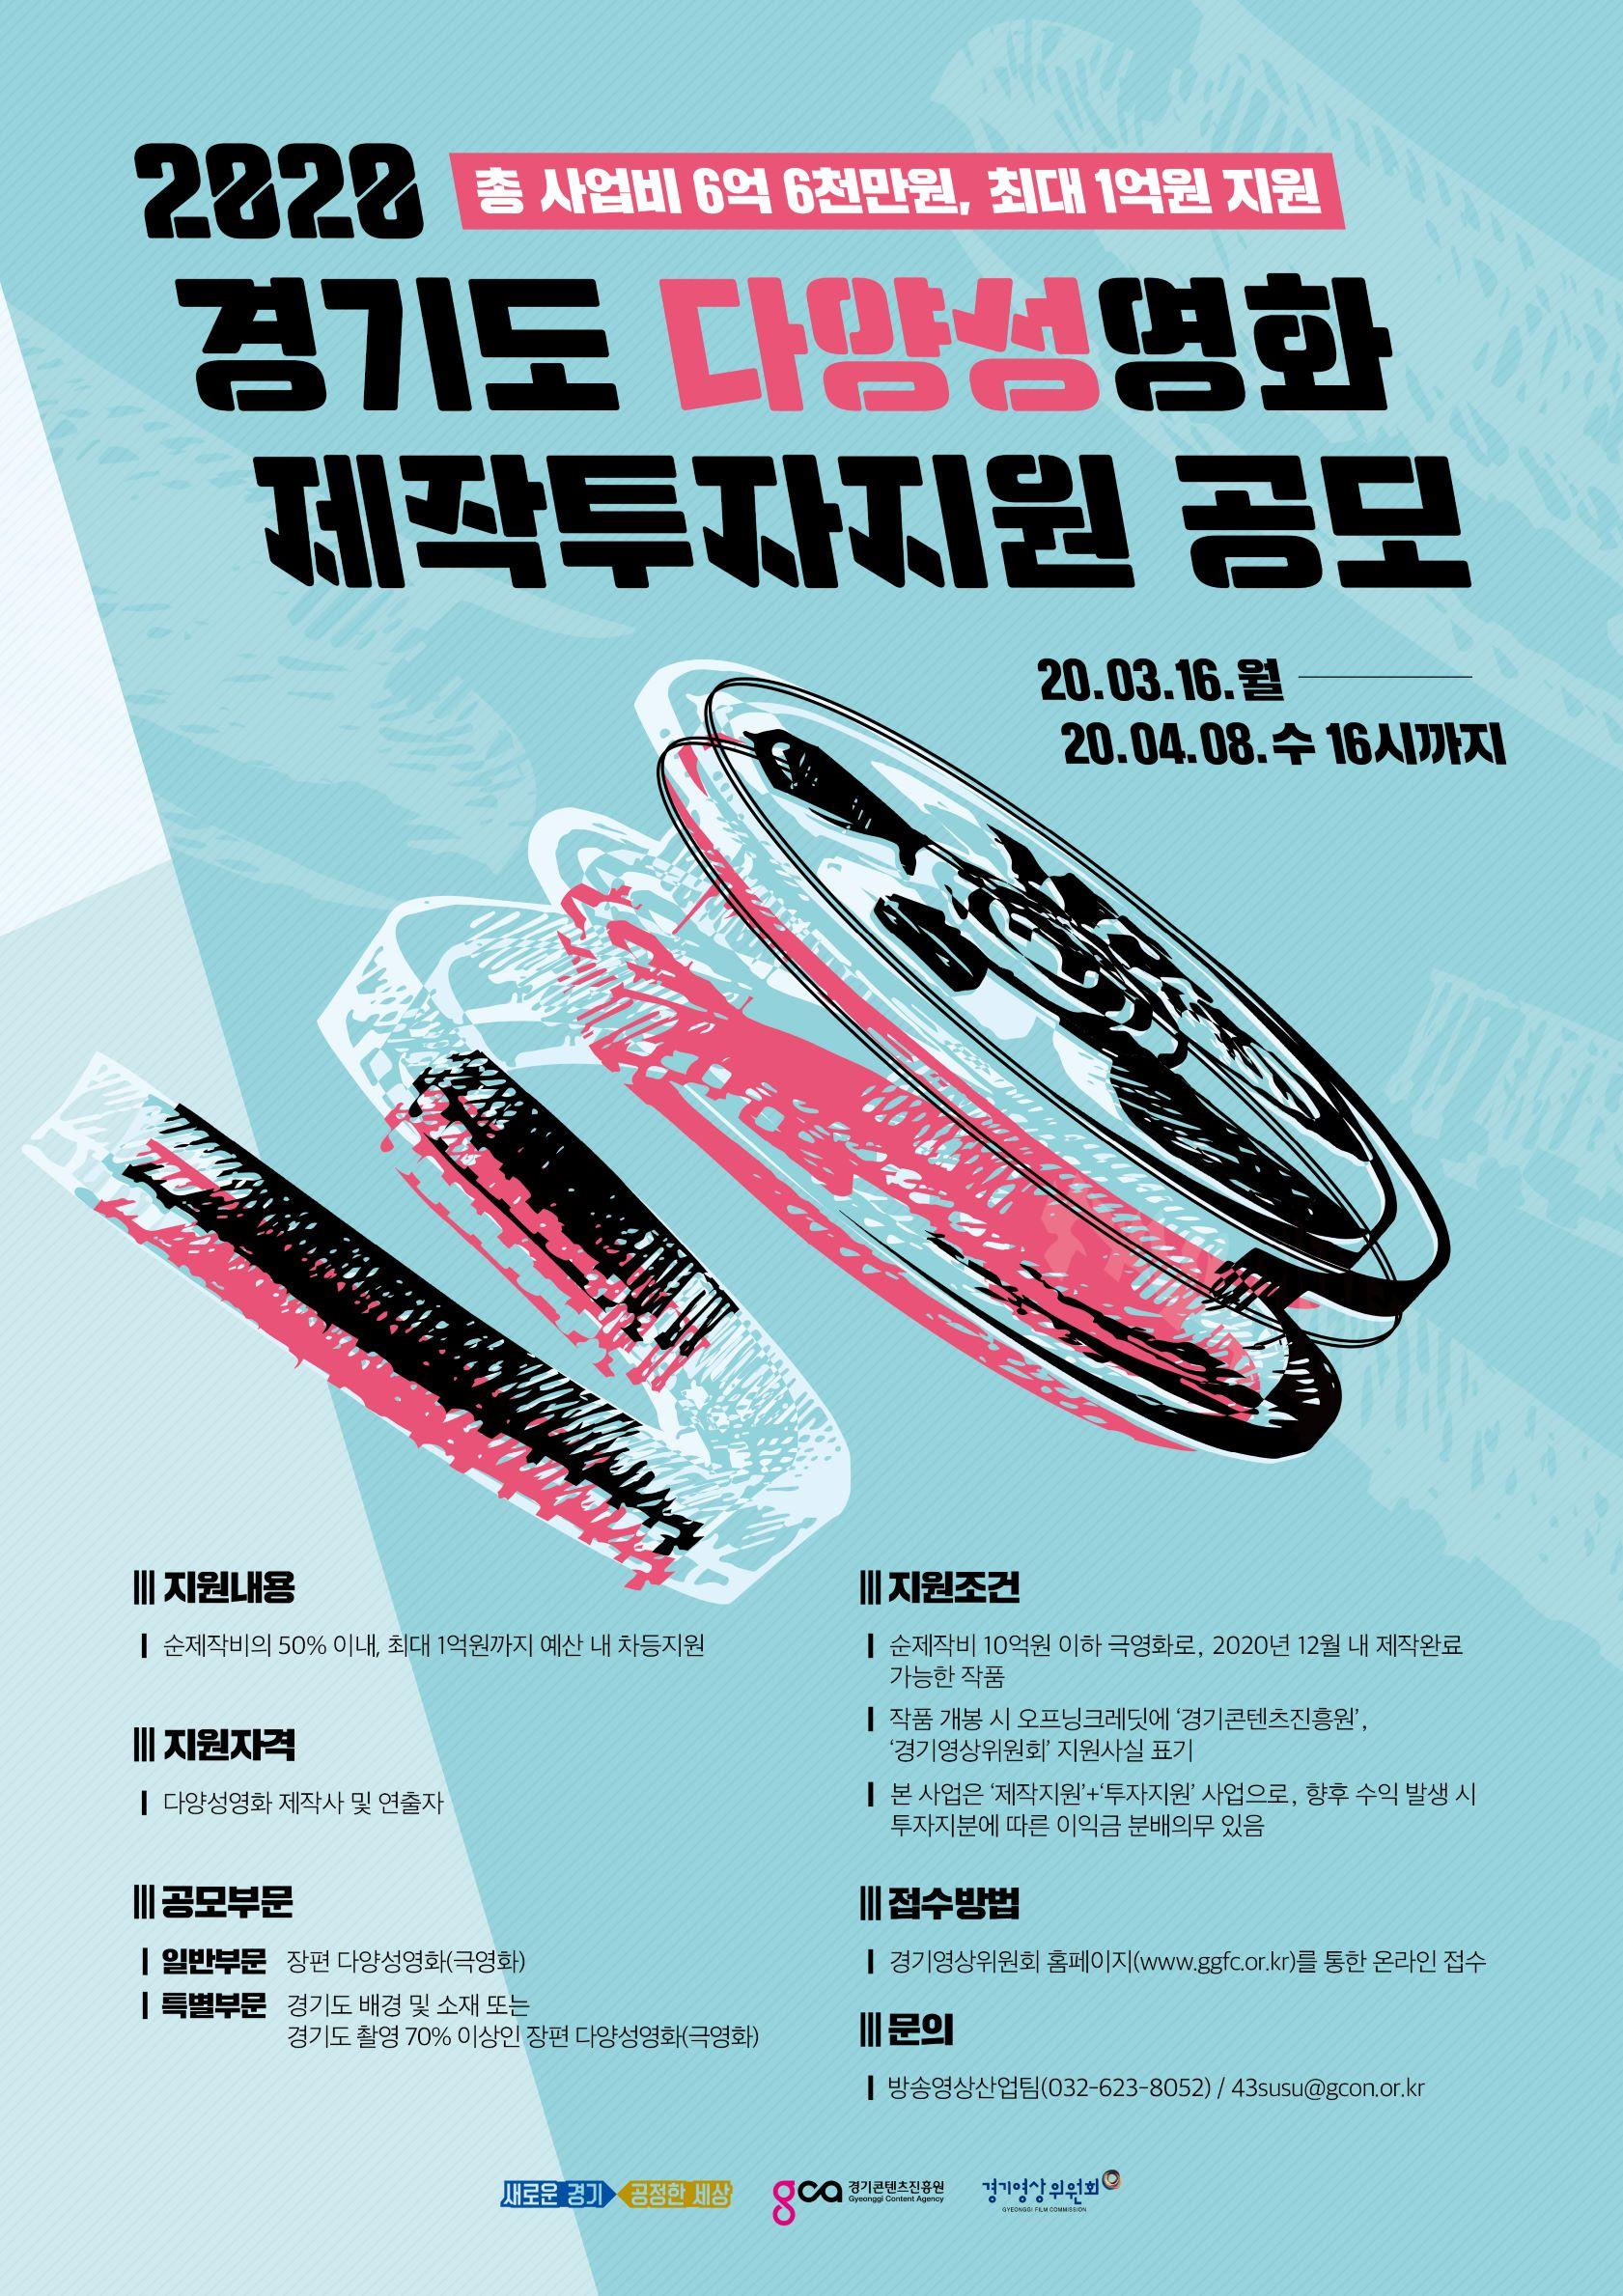 2020 경기도 다양성영화 제작투자지원 사업공고 포스터(저용량).jpg